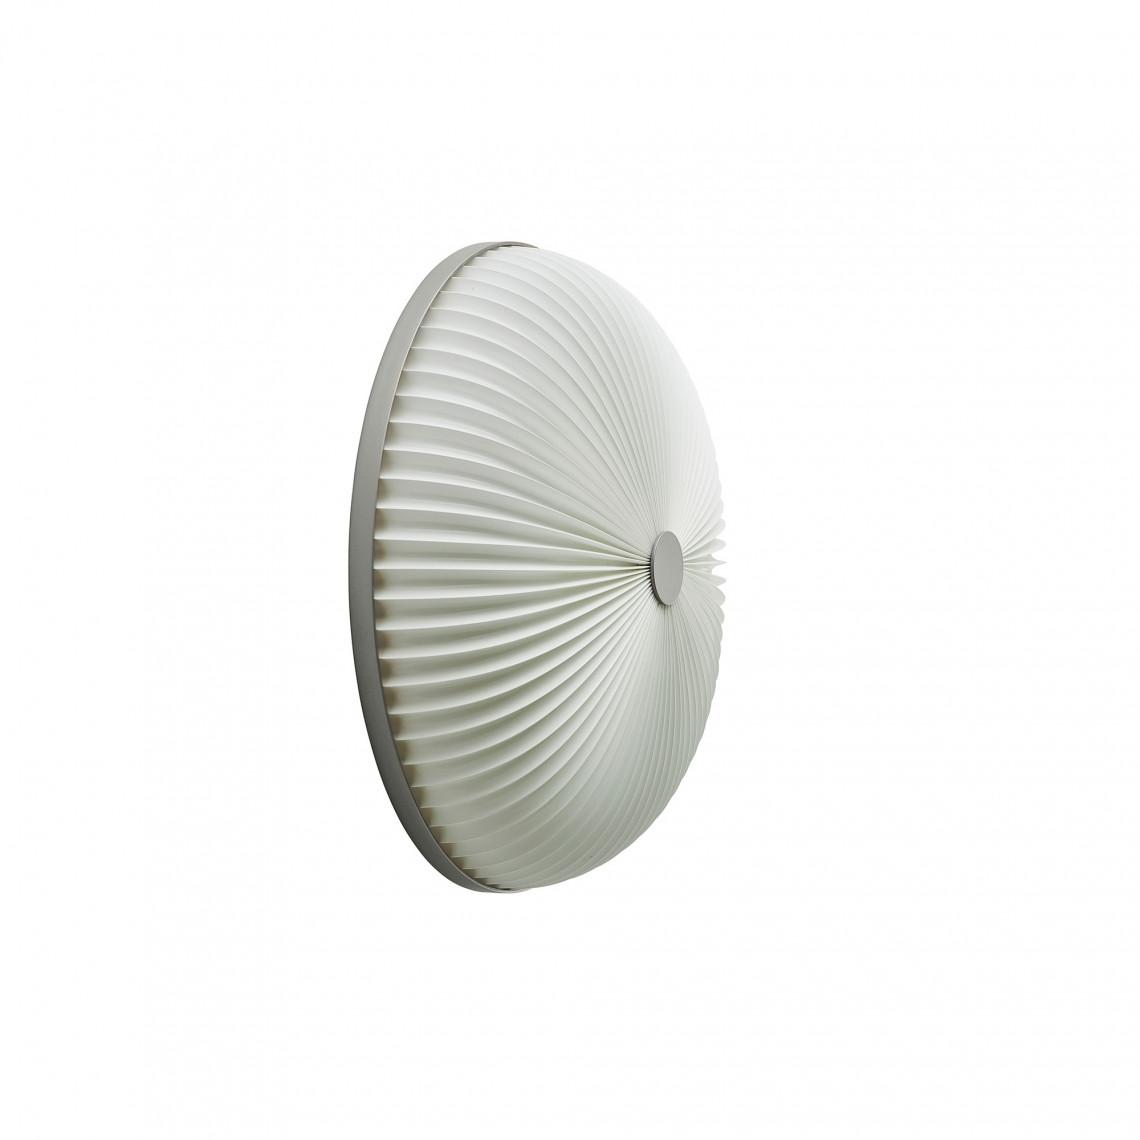 Lamella Vägg-/Taklampa Aluminium